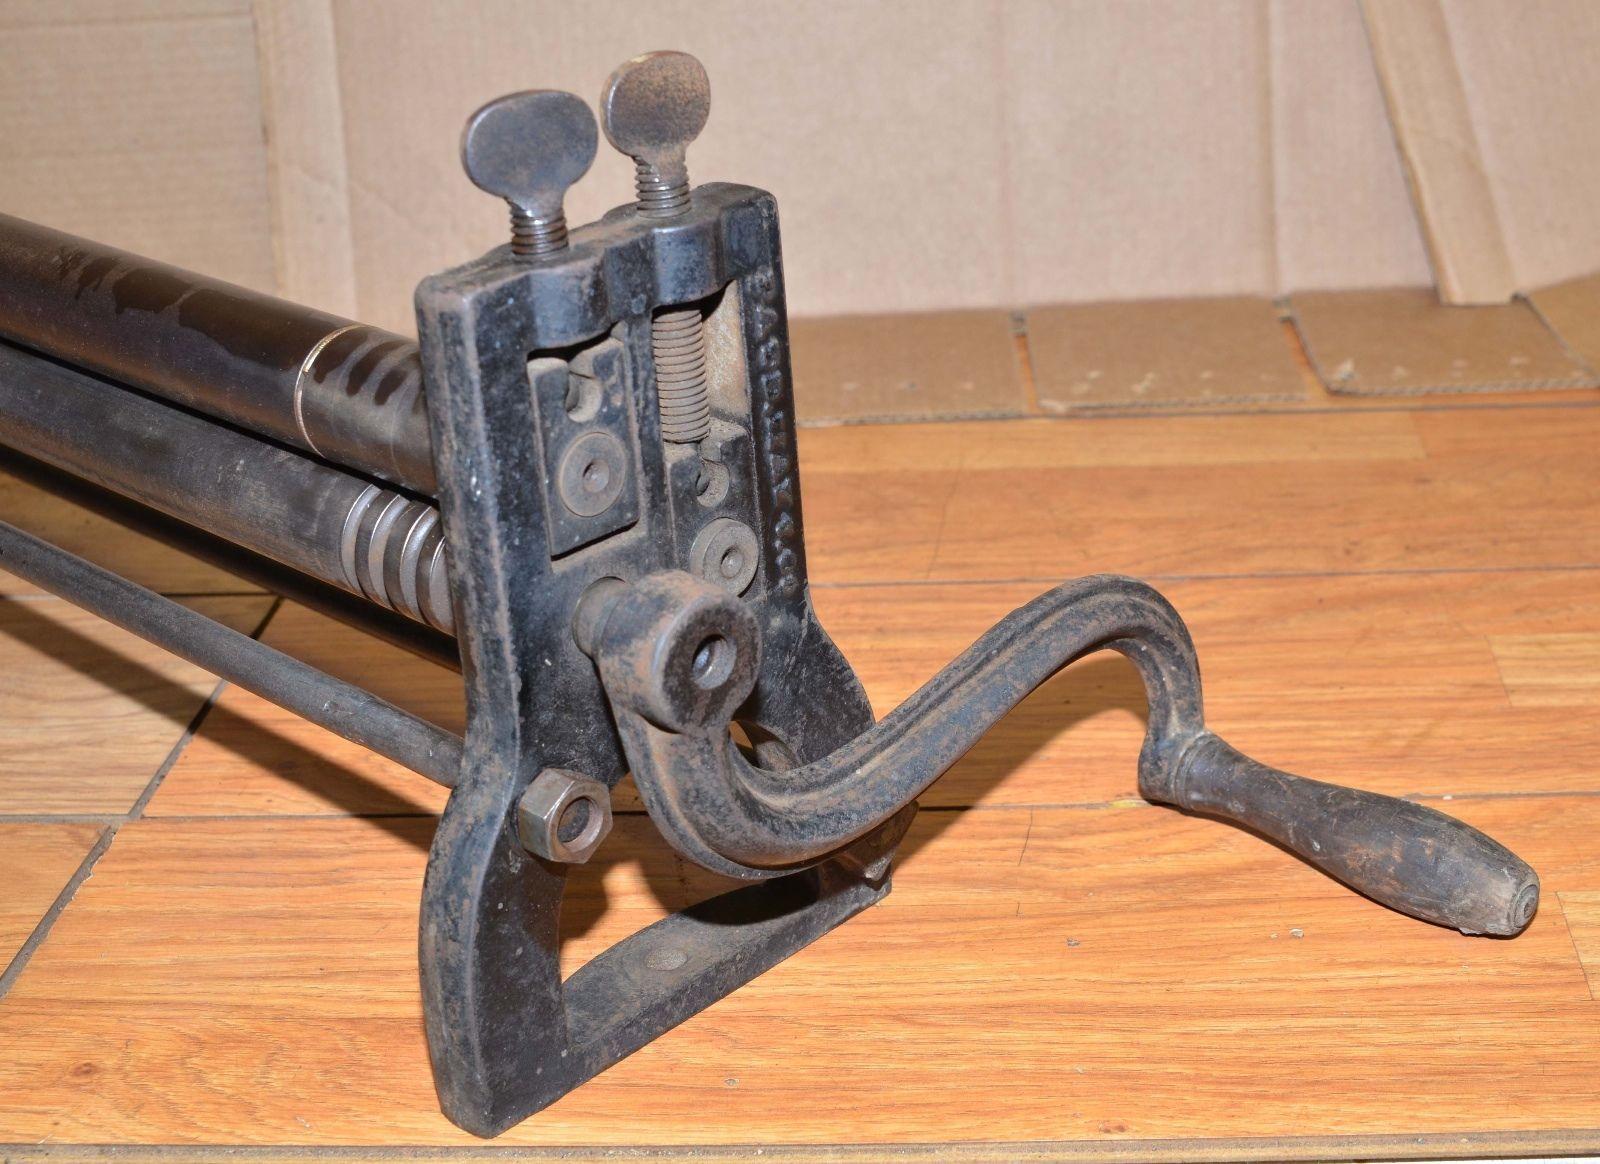 Rare Antique Sheet Metal Slip Punch Roller Machine 31 Blacksmith Tinsmith Tool Roladora Forjado